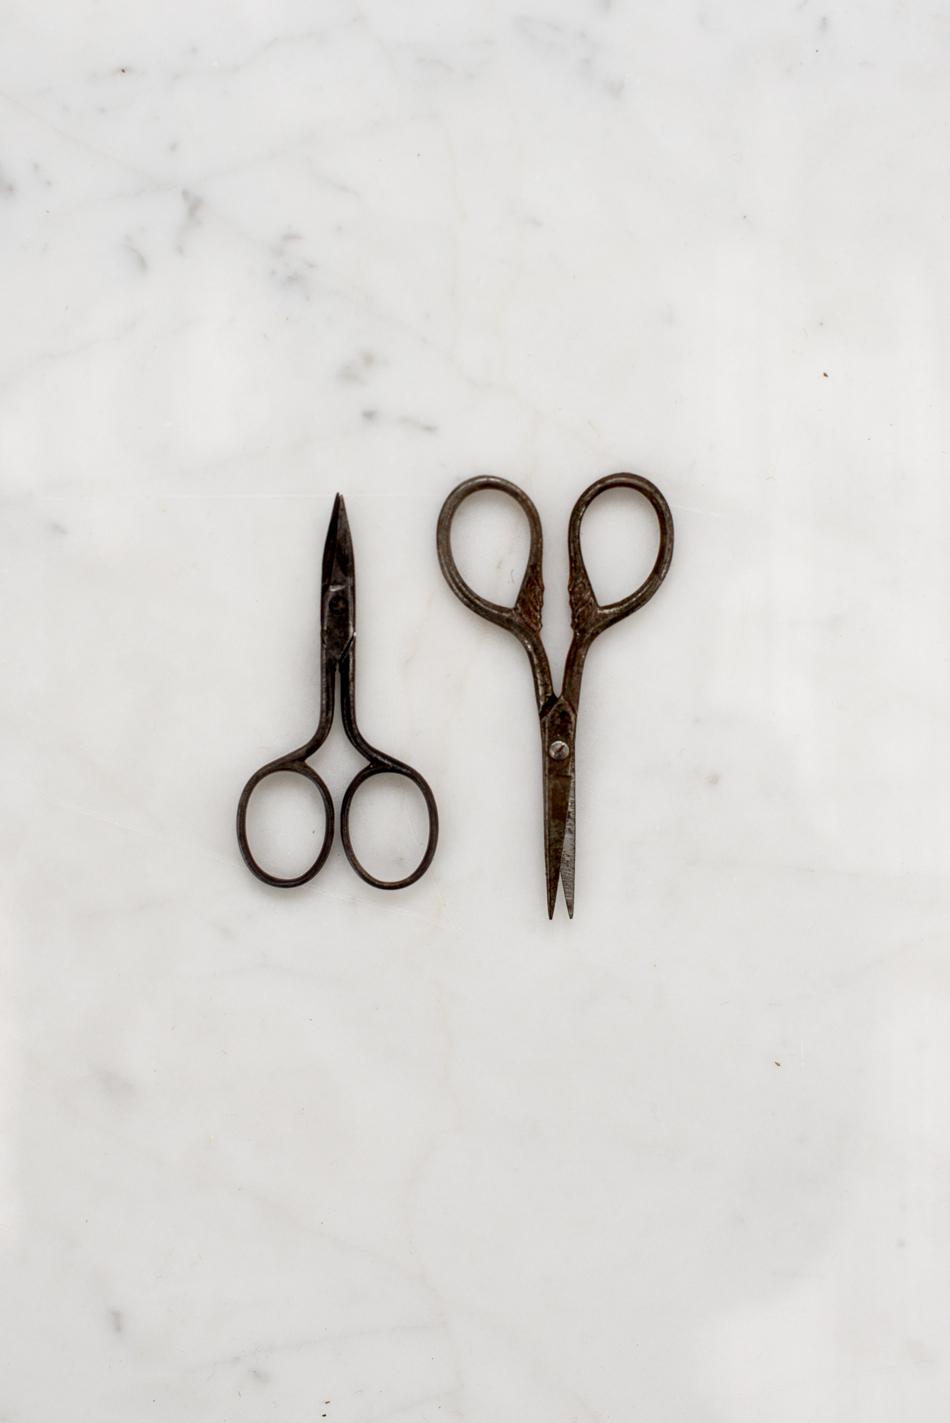 le piccole forbici di sinistra semplici e invecchiate dal tempo appartenevano a mia nonna.